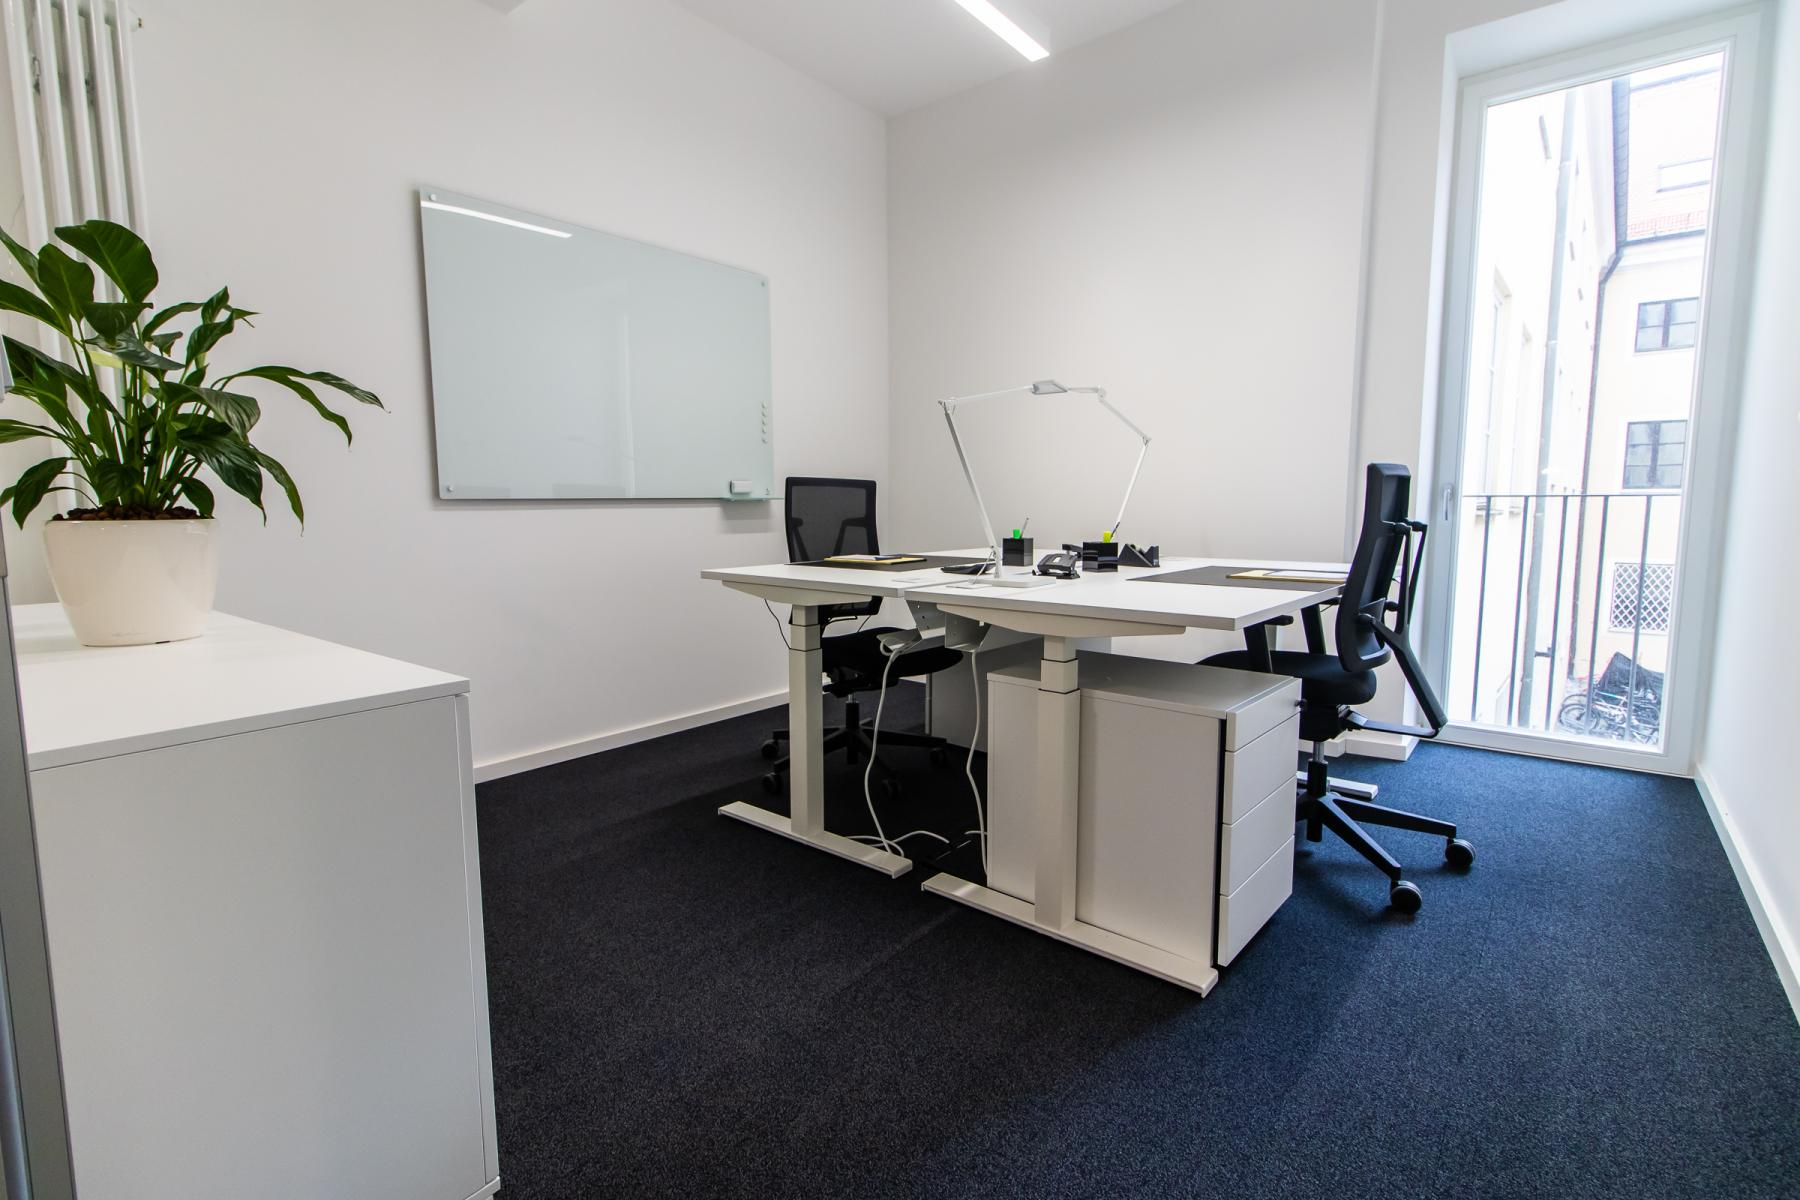 Stilvolles Büro zur Miete in München, Pacellistraße